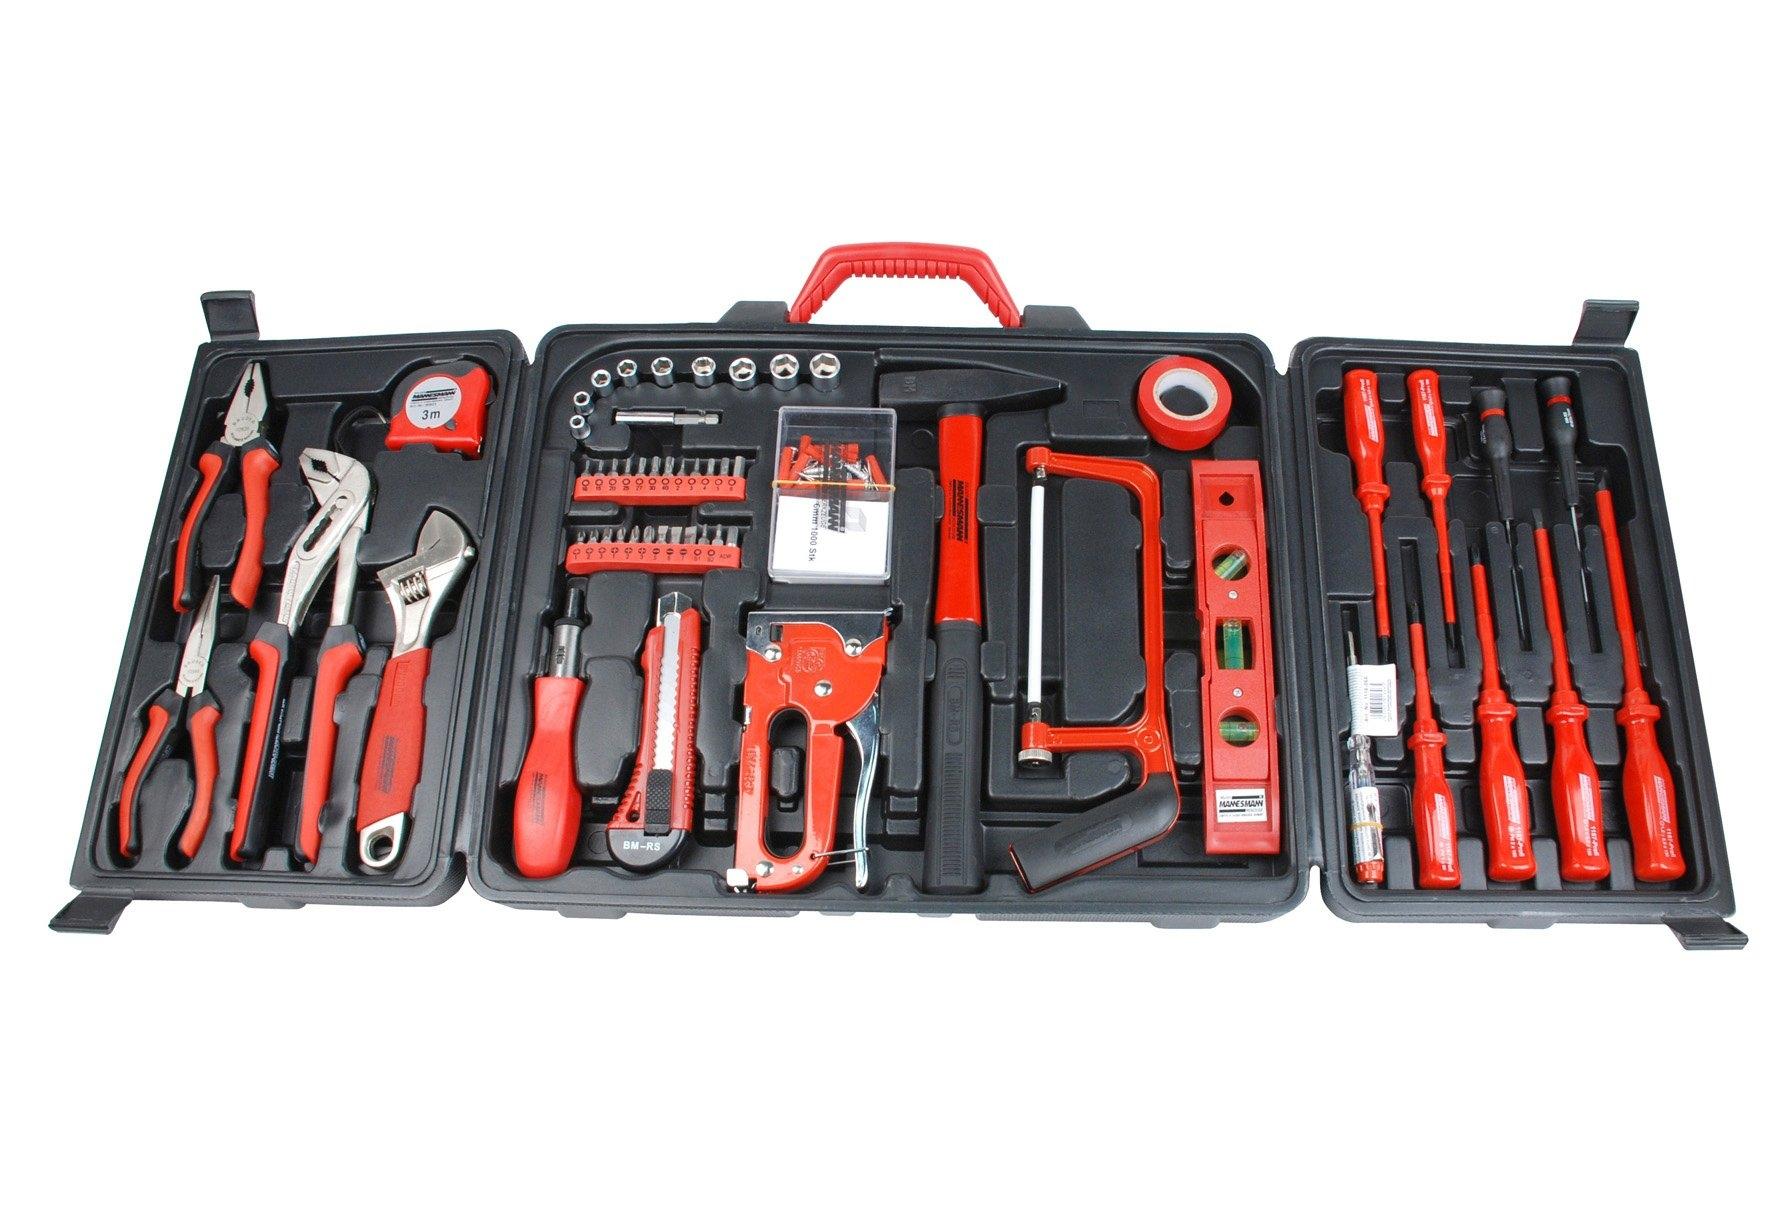 Brueder Mannesmann Werkzeuge Gereedschapskoffer »(60-dlg.)« bij OTTO online kopen